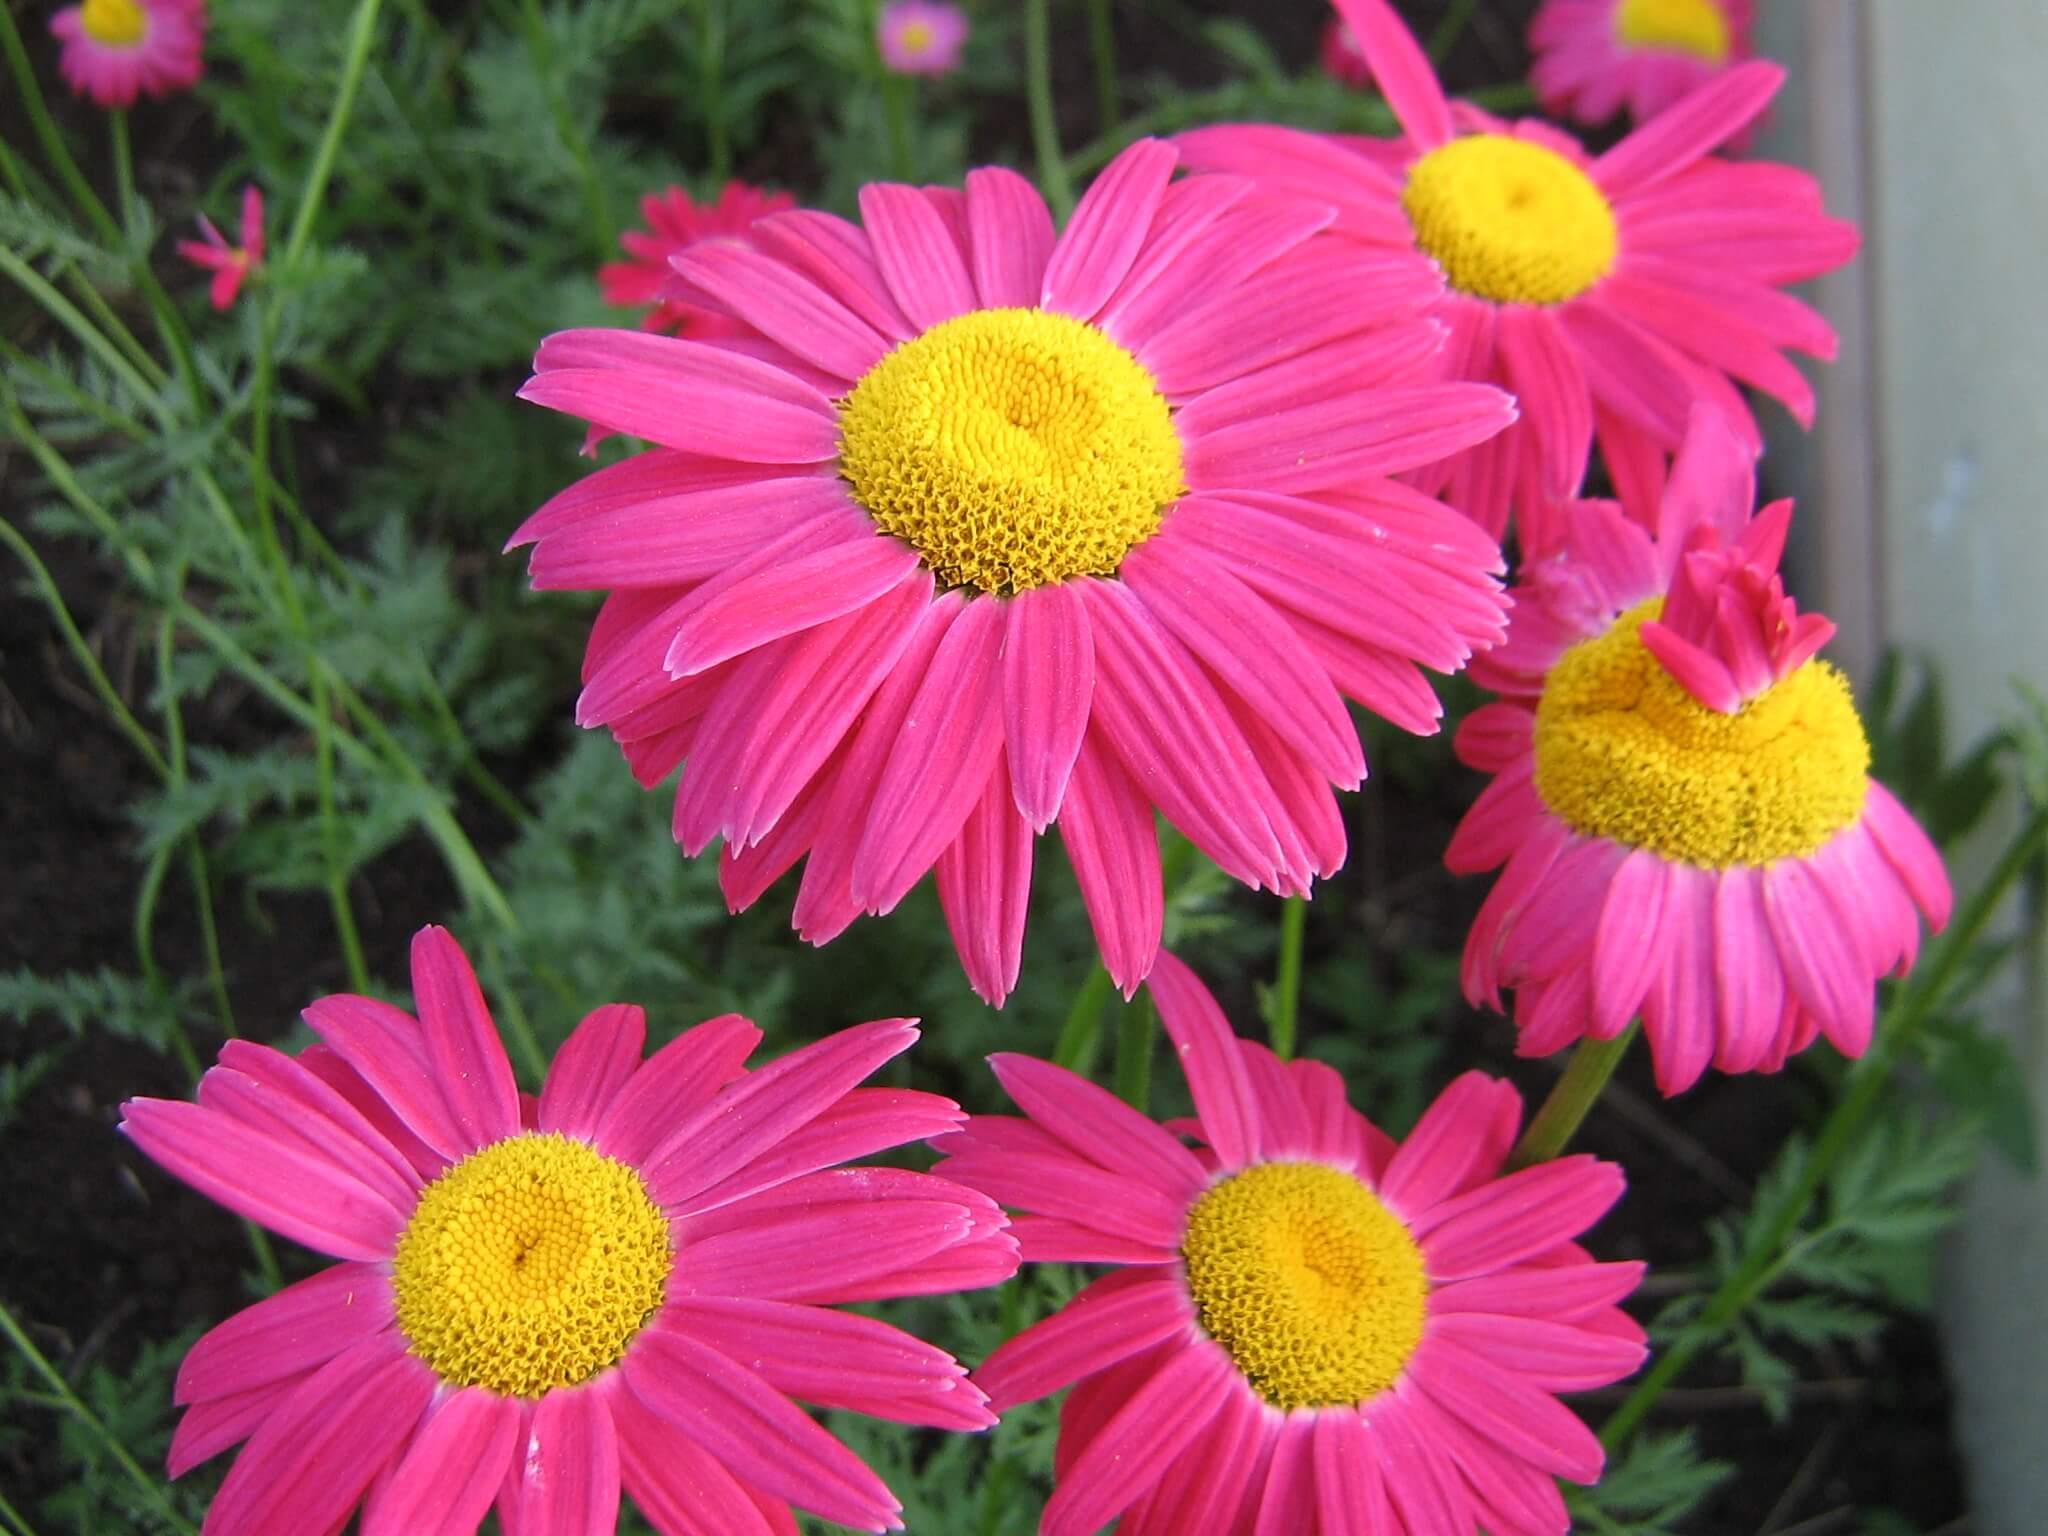 Особенности и правила разведения многолетних садовых цветов, не требующих ухода, их виды